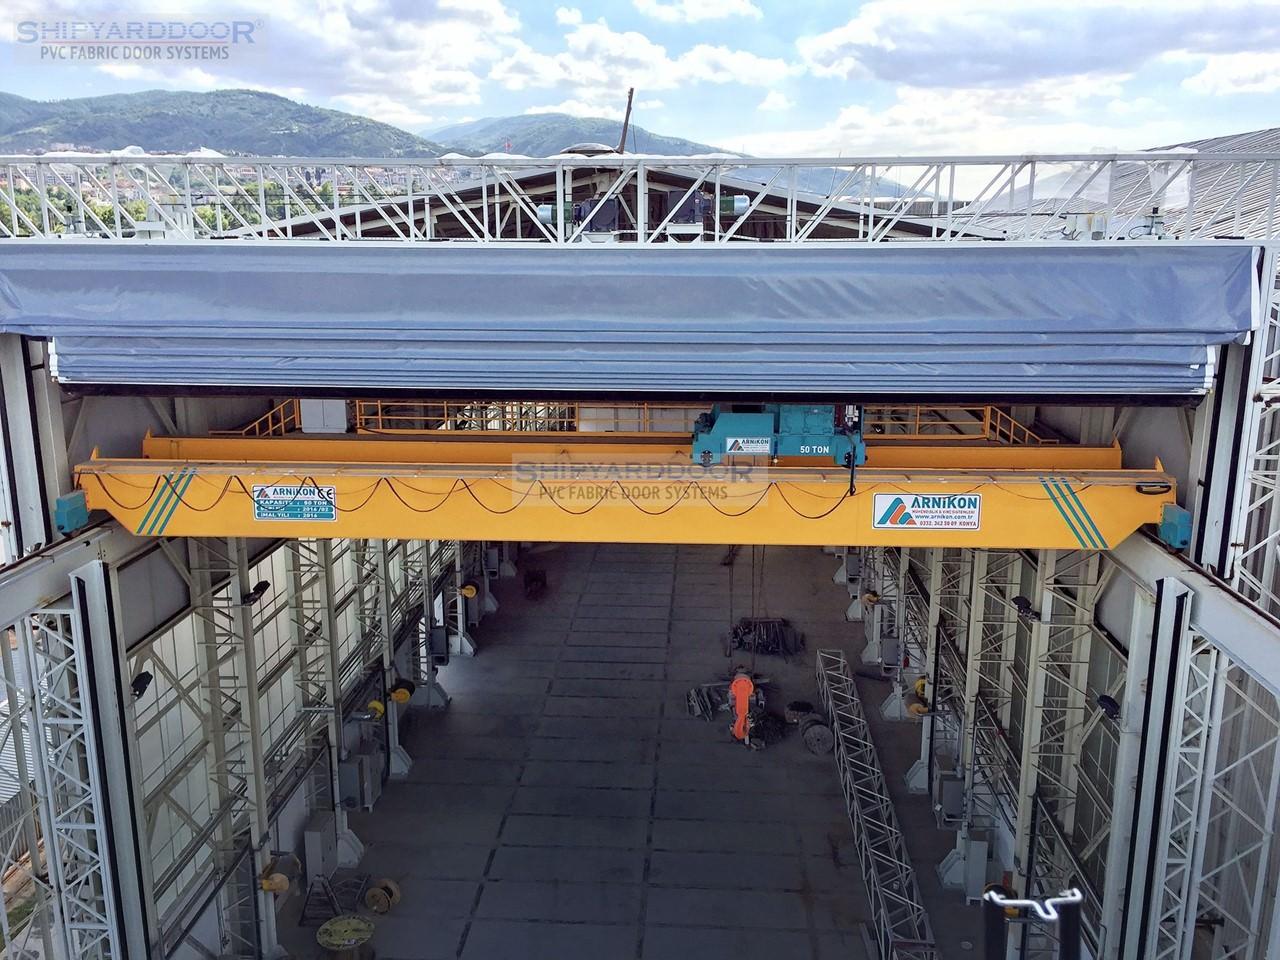 crane door c44 en shipyarddoor